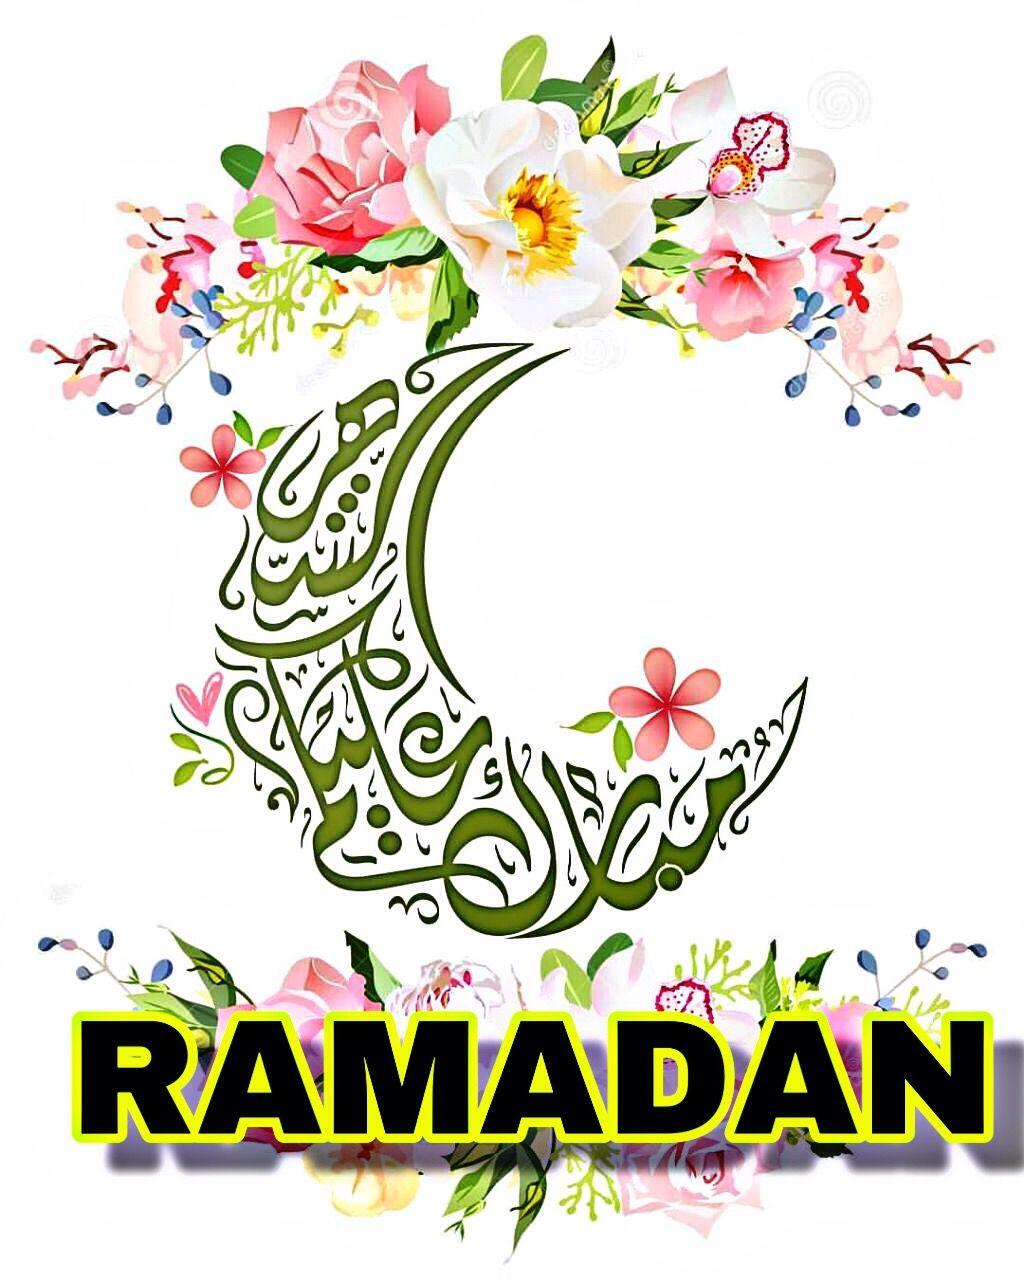 أفضل بطاقات تهنئة بمناسبة شهر رمضان Ramadan Mubarak Card Images 2019 Tarek4tech Ramadan Ramadan Mubarak Cards